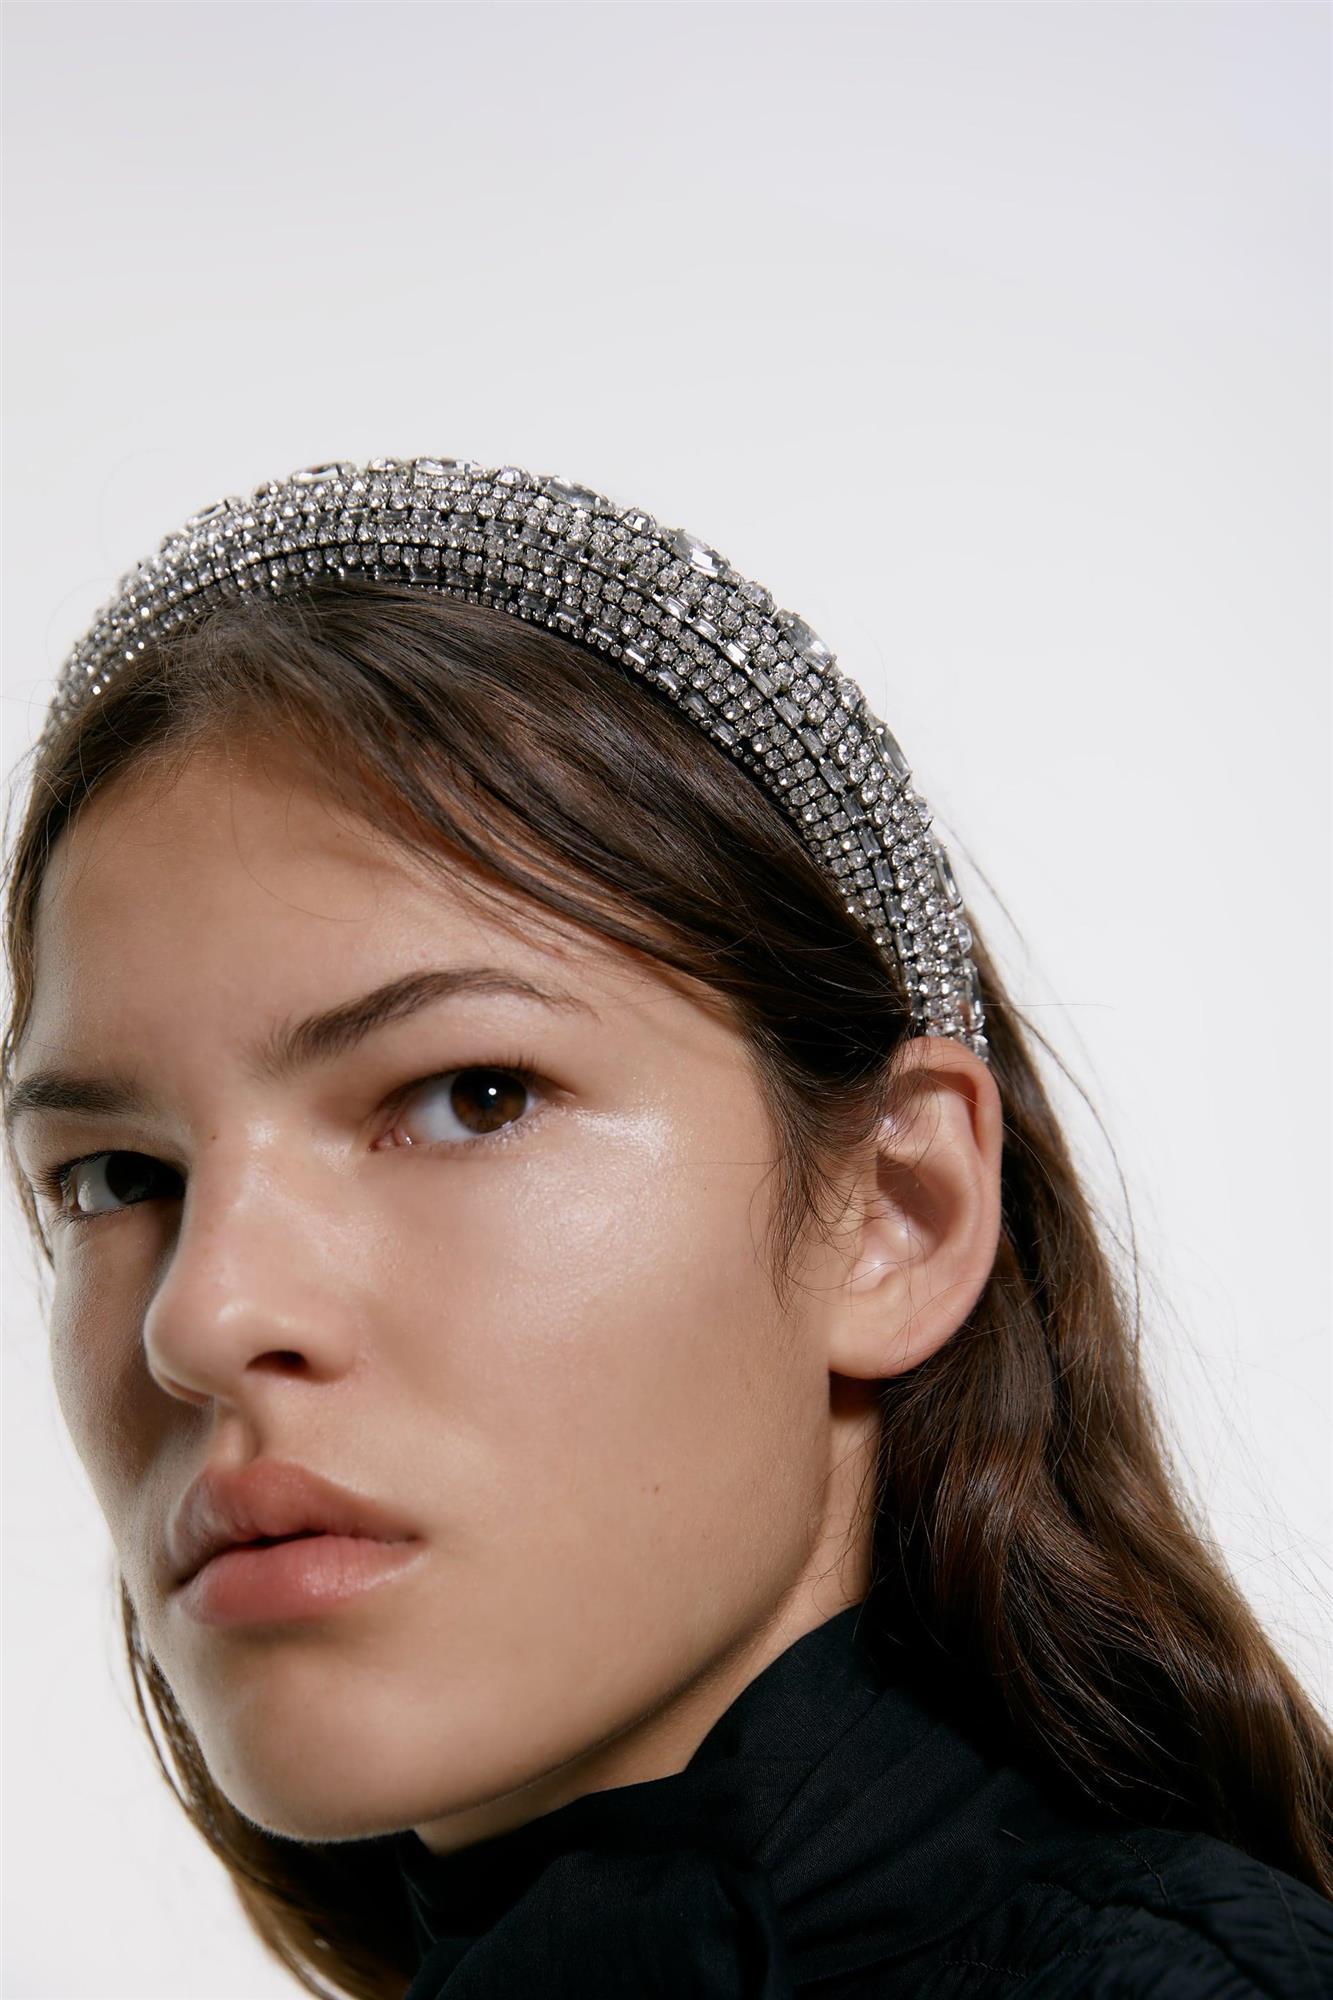 Diademas: el accesorio de pelo de moda otoño 2019 en Zara